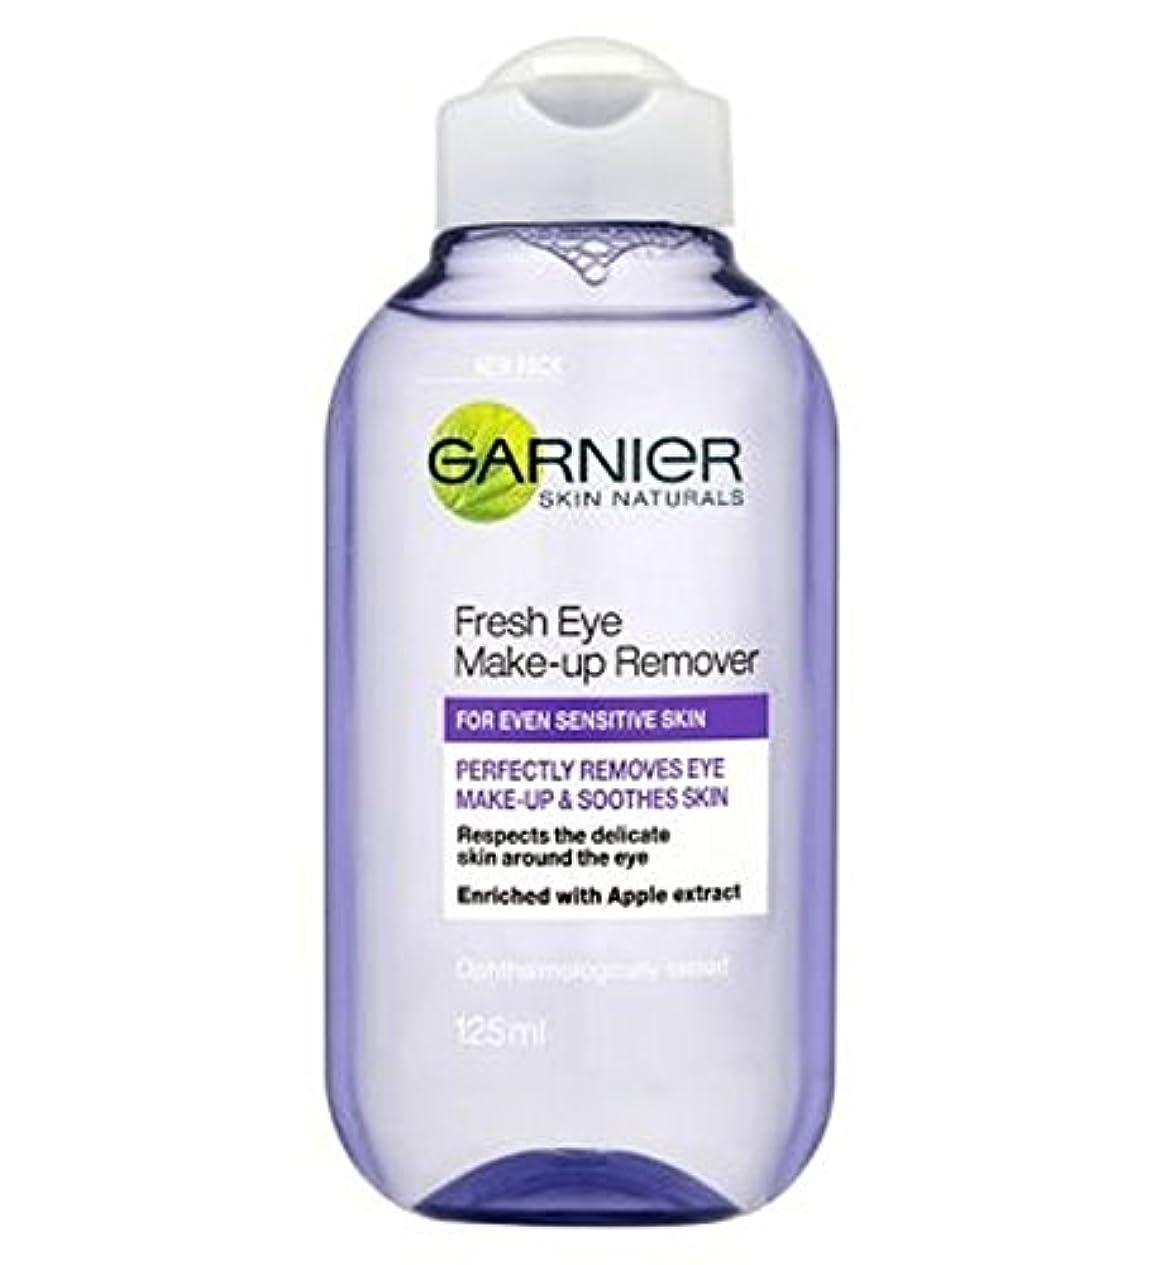 絶対に信頼従事するガルニエ新鮮な目作るリムーバー125ミリリットル (Garnier) (x2) - Garnier Fresh Eye Make Up Remover 125ml (Pack of 2) [並行輸入品]